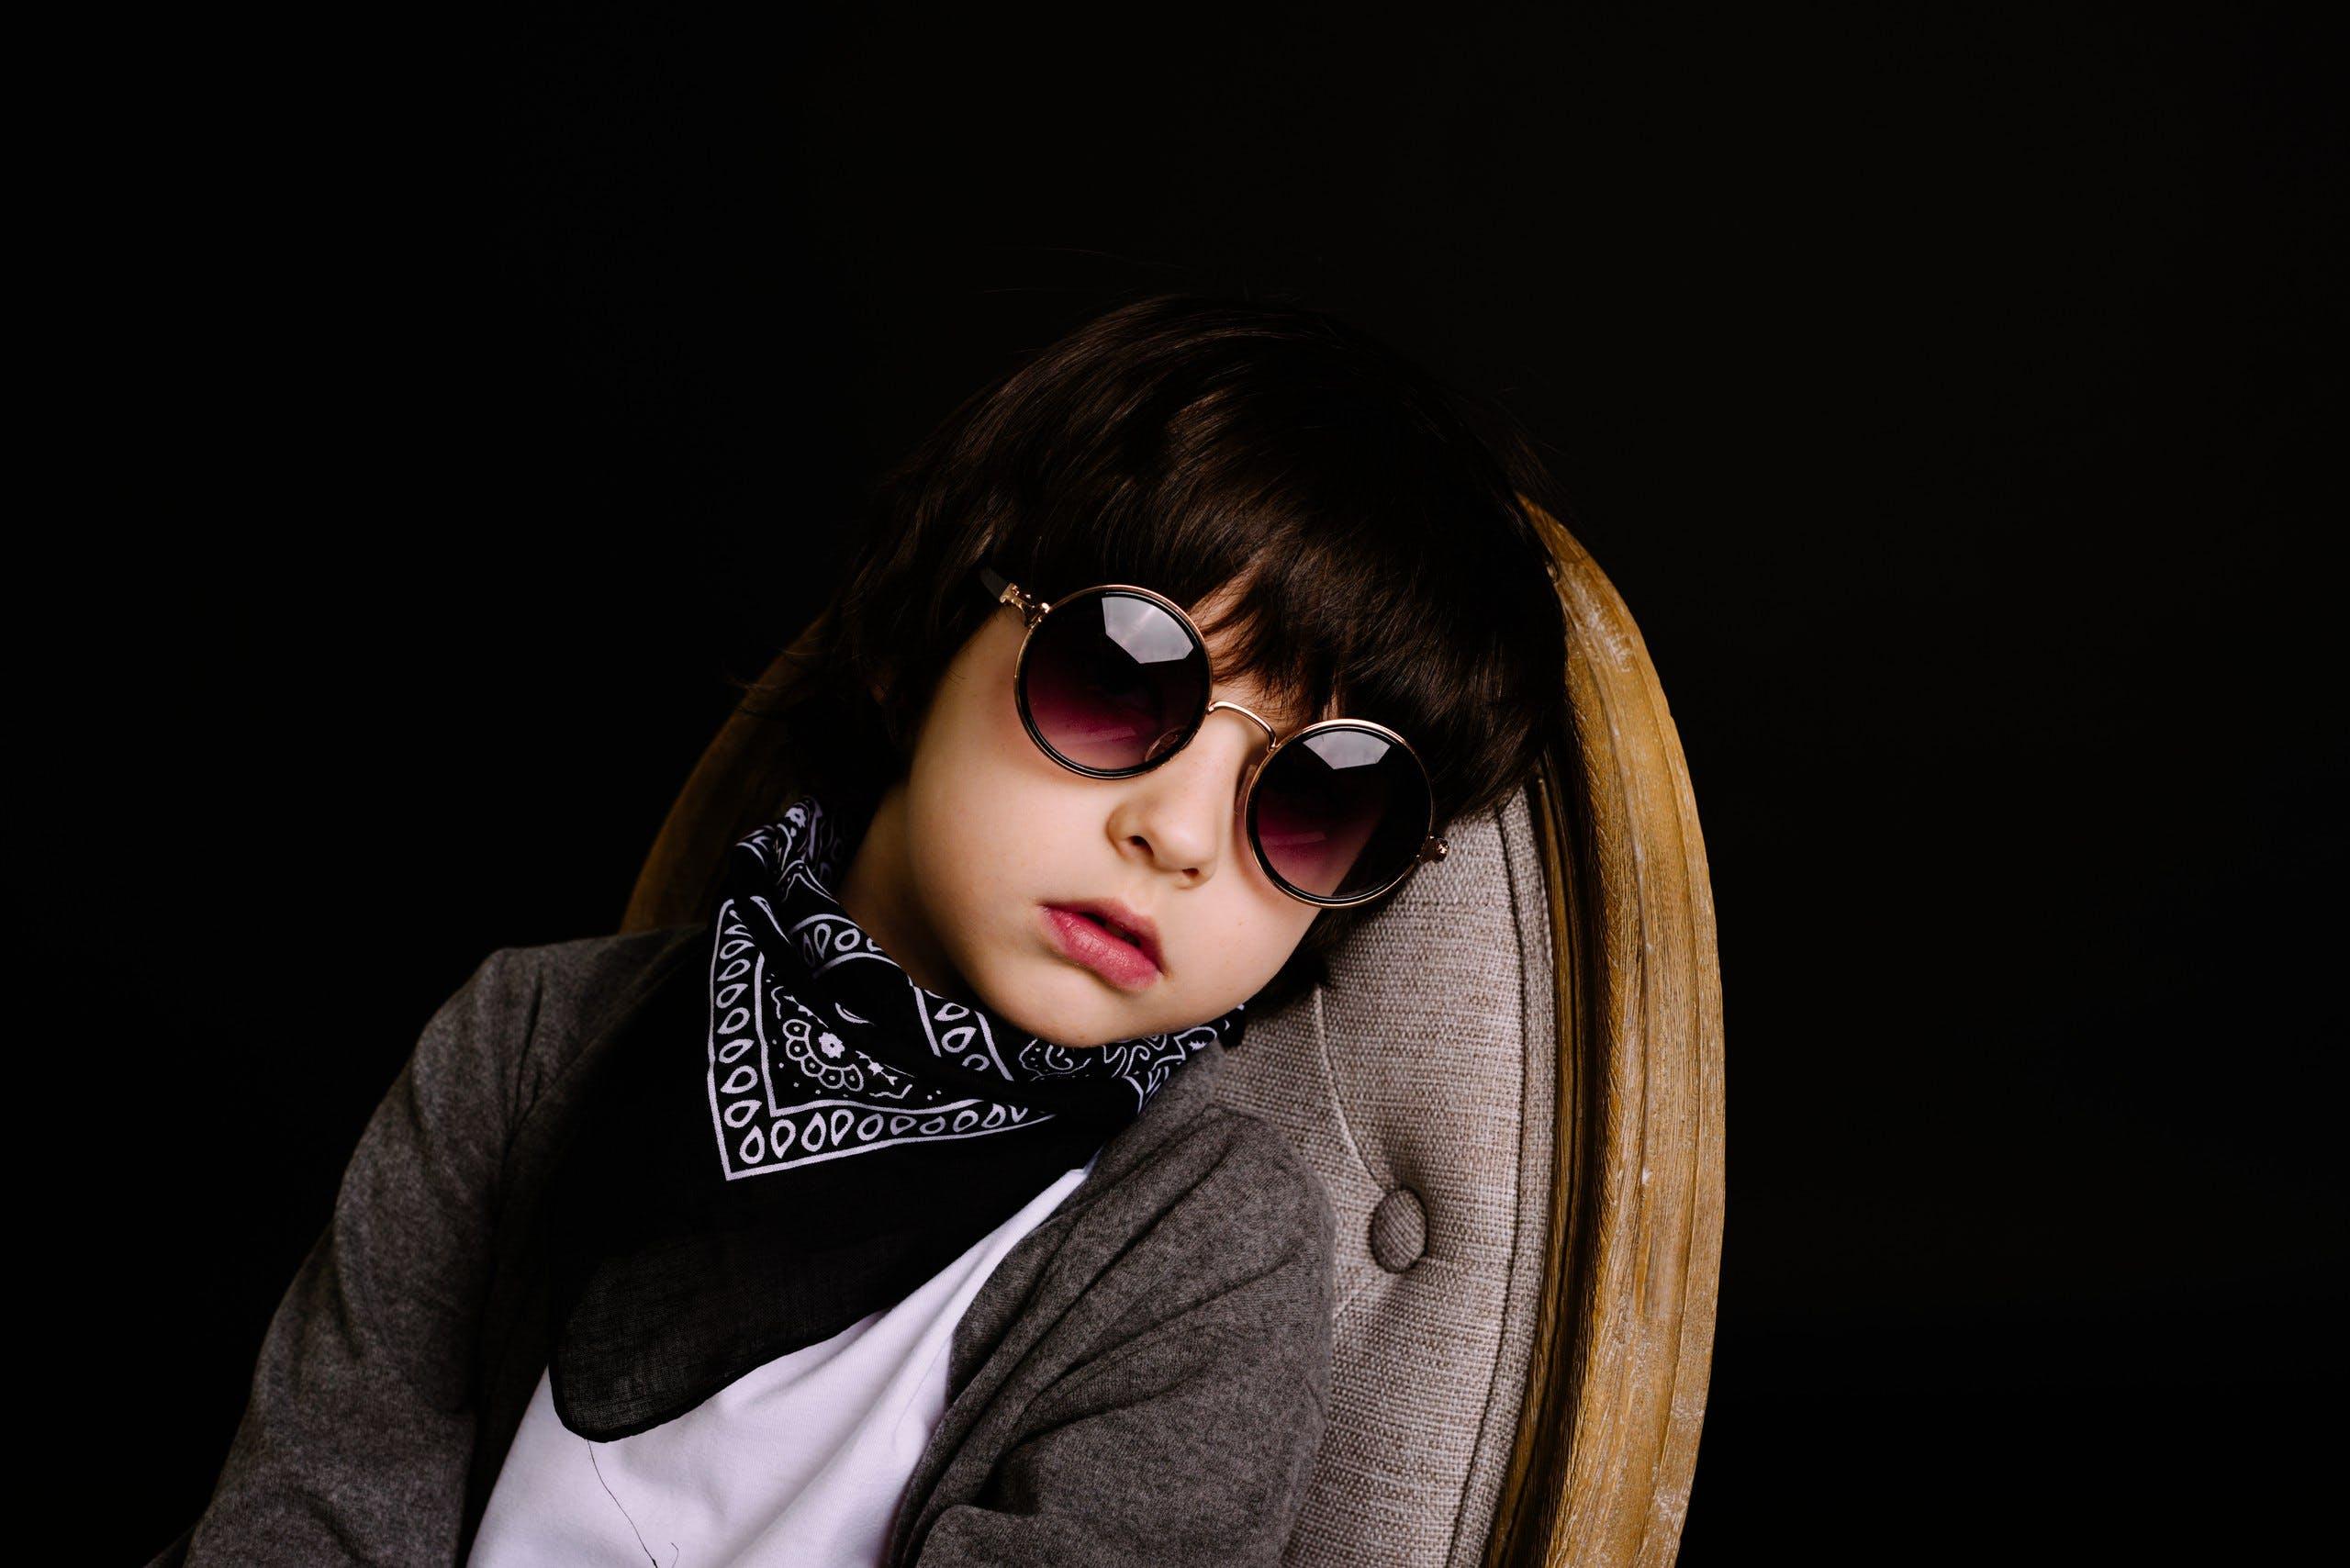 キッド, クール, サングラス, スカーフの無料の写真素材